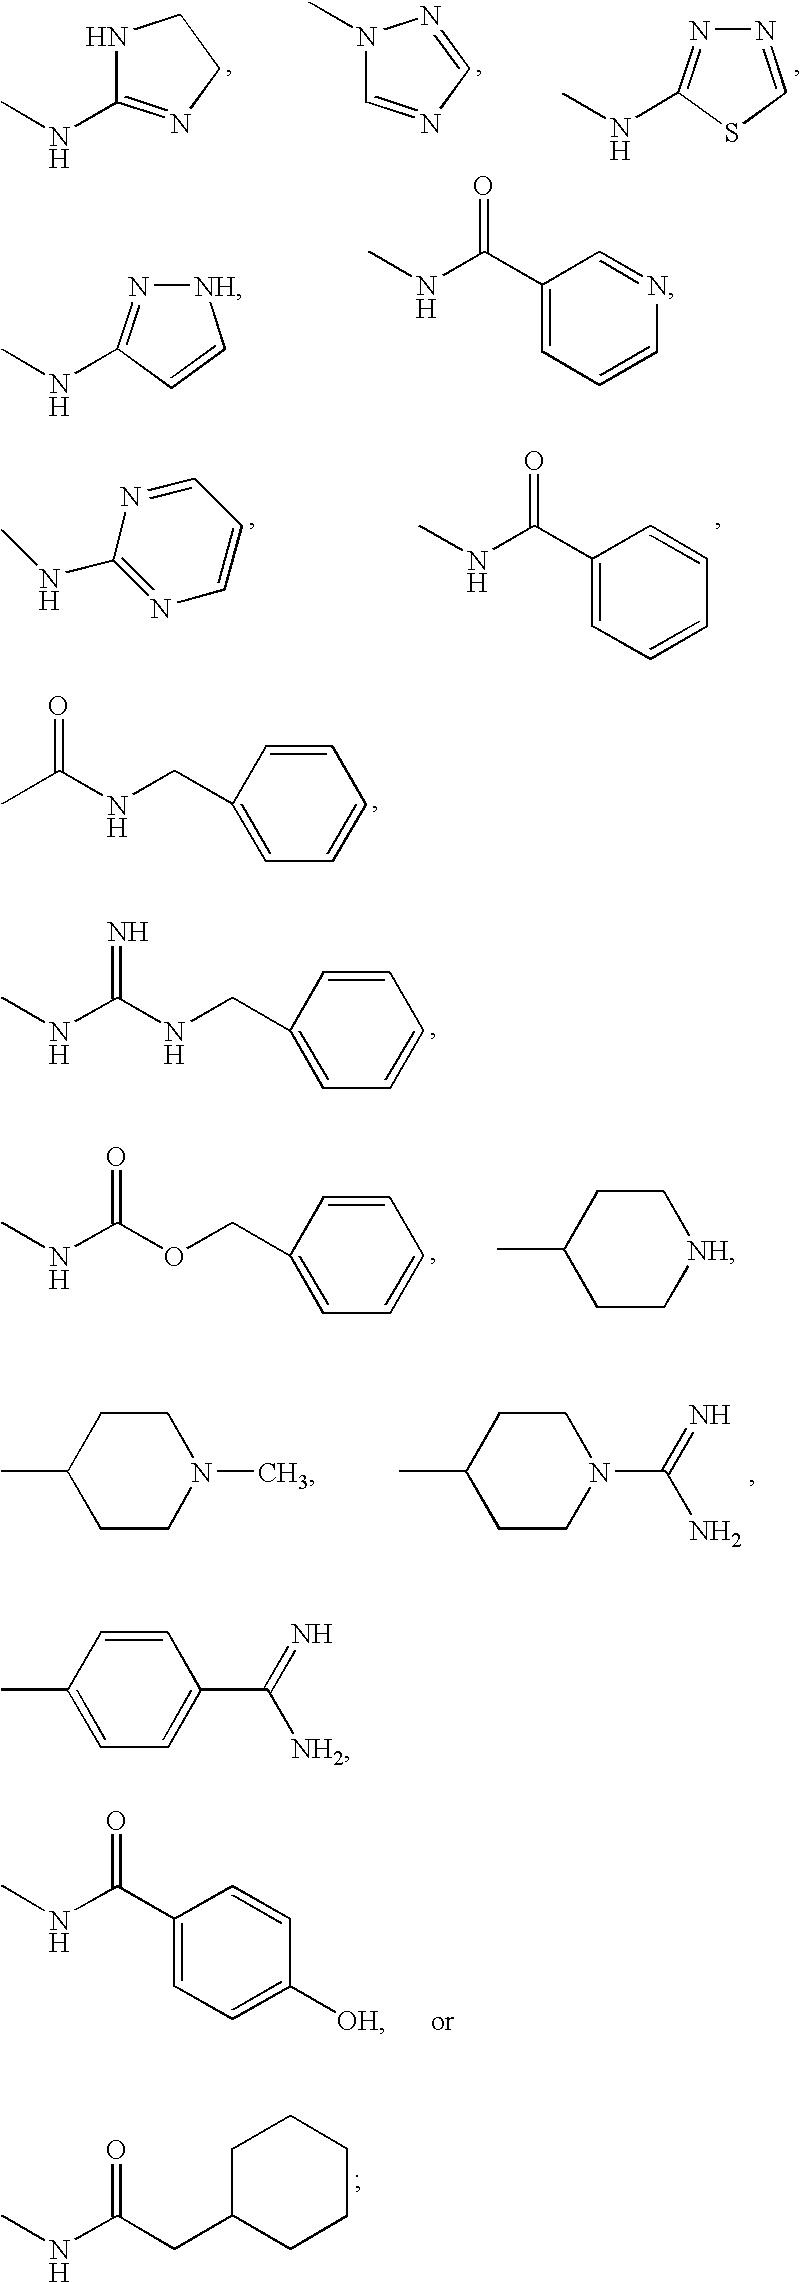 Figure US07622440-20091124-C00415